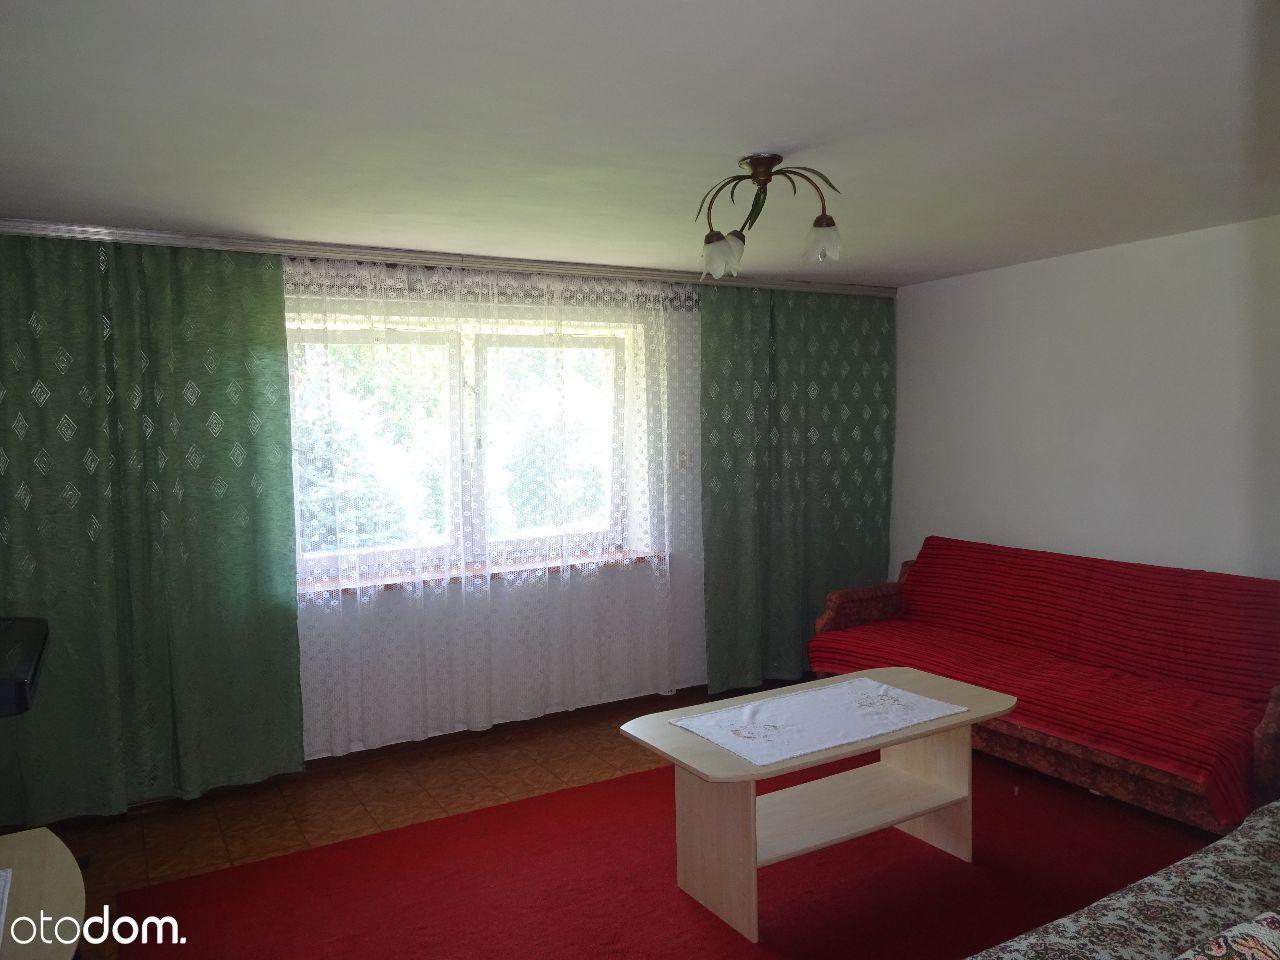 Dom na sprzedaż, Błażowa Dolna, rzeszowski, podkarpackie - Foto 7